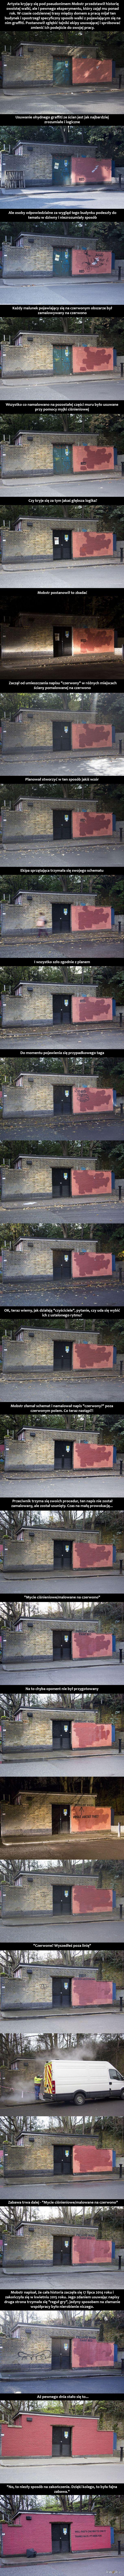 Roczna walka grafficiarza i ludzi usuwających graffiti. Jej przebieg był niezwykły, a zakończenie zaskakuje